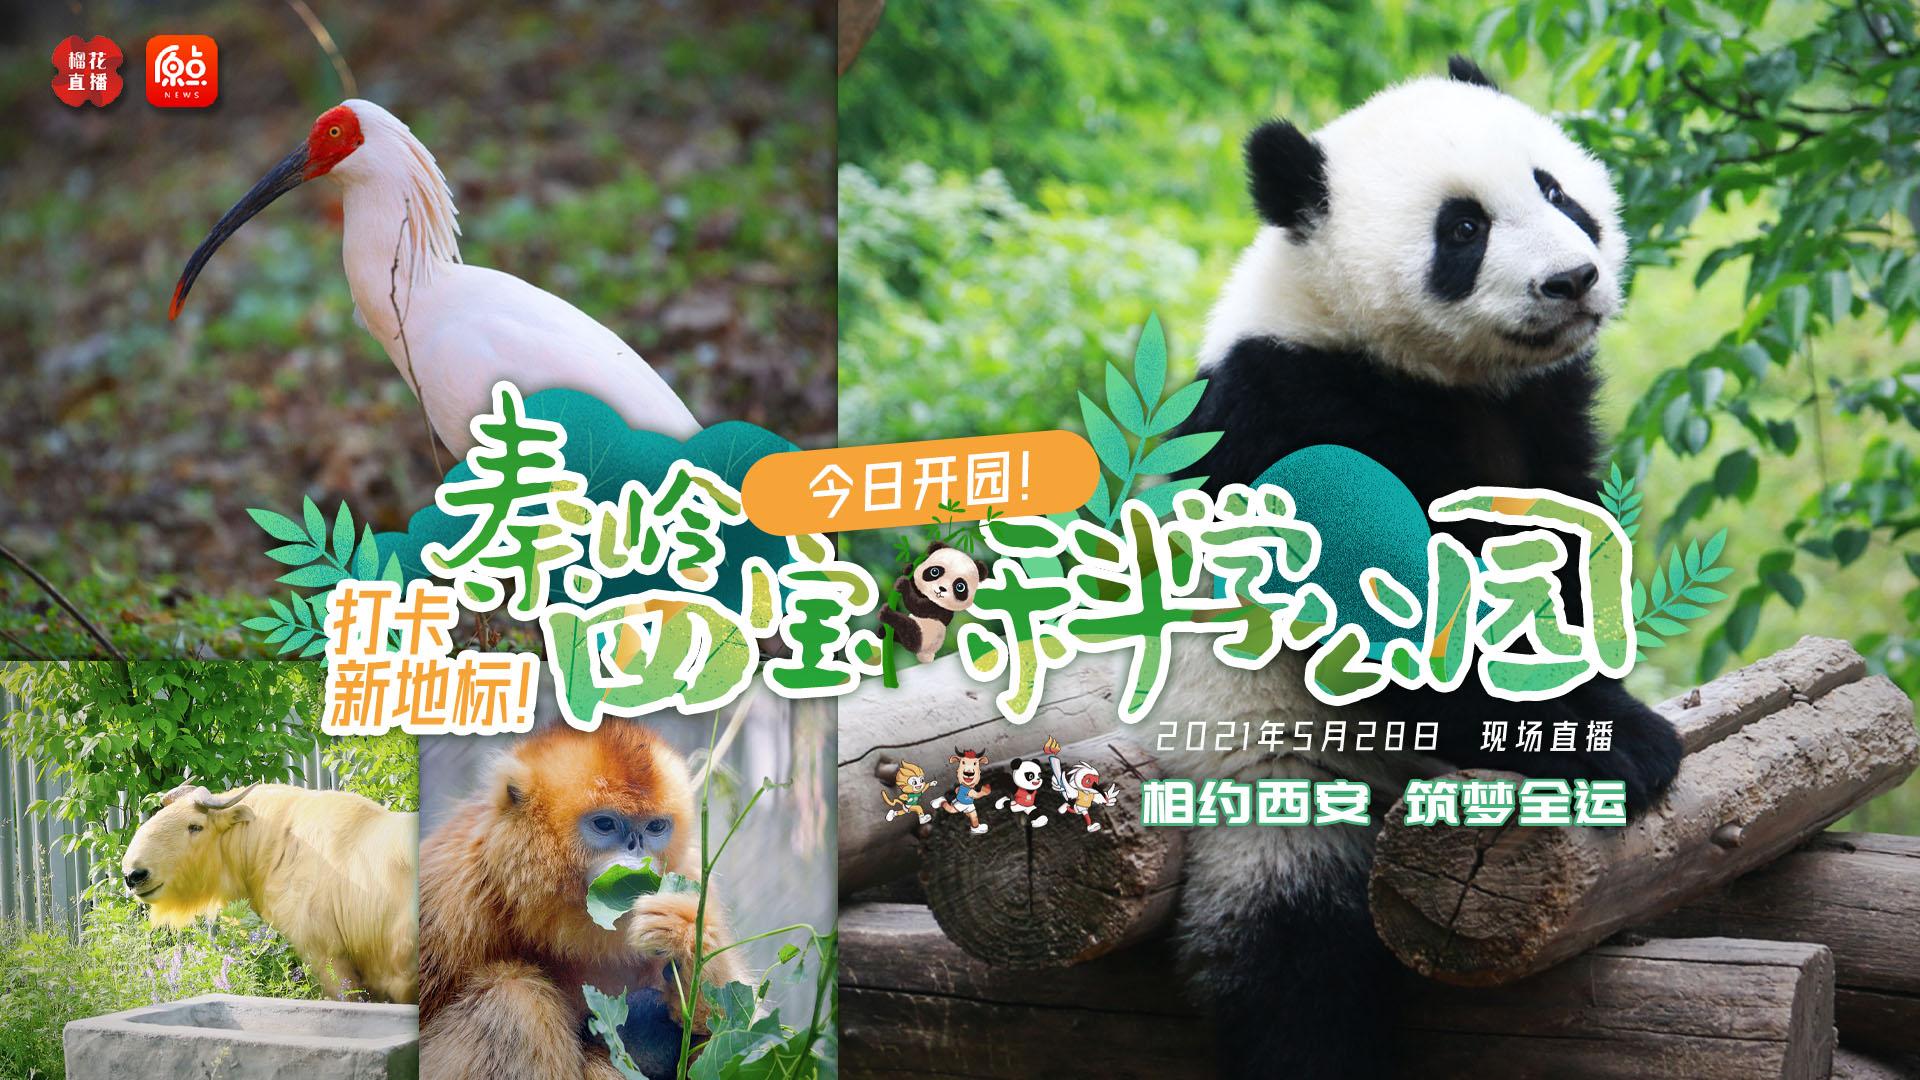 秦岭四宝科学公园开园 全球唯一圈养棕色大熊猫将亮…